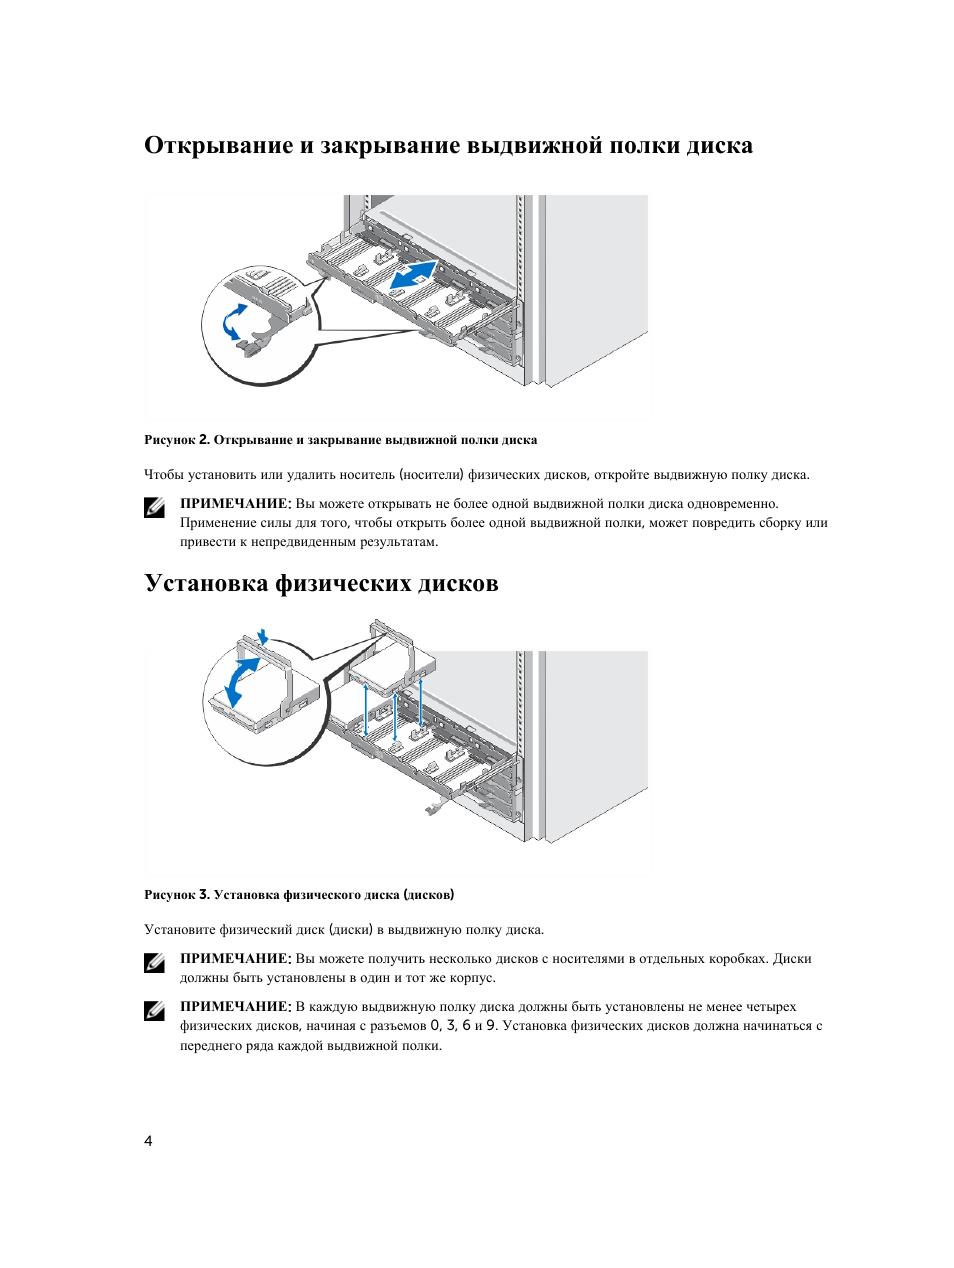 Открывание и закрывание выдвижной полки диска, Установка физических дисков